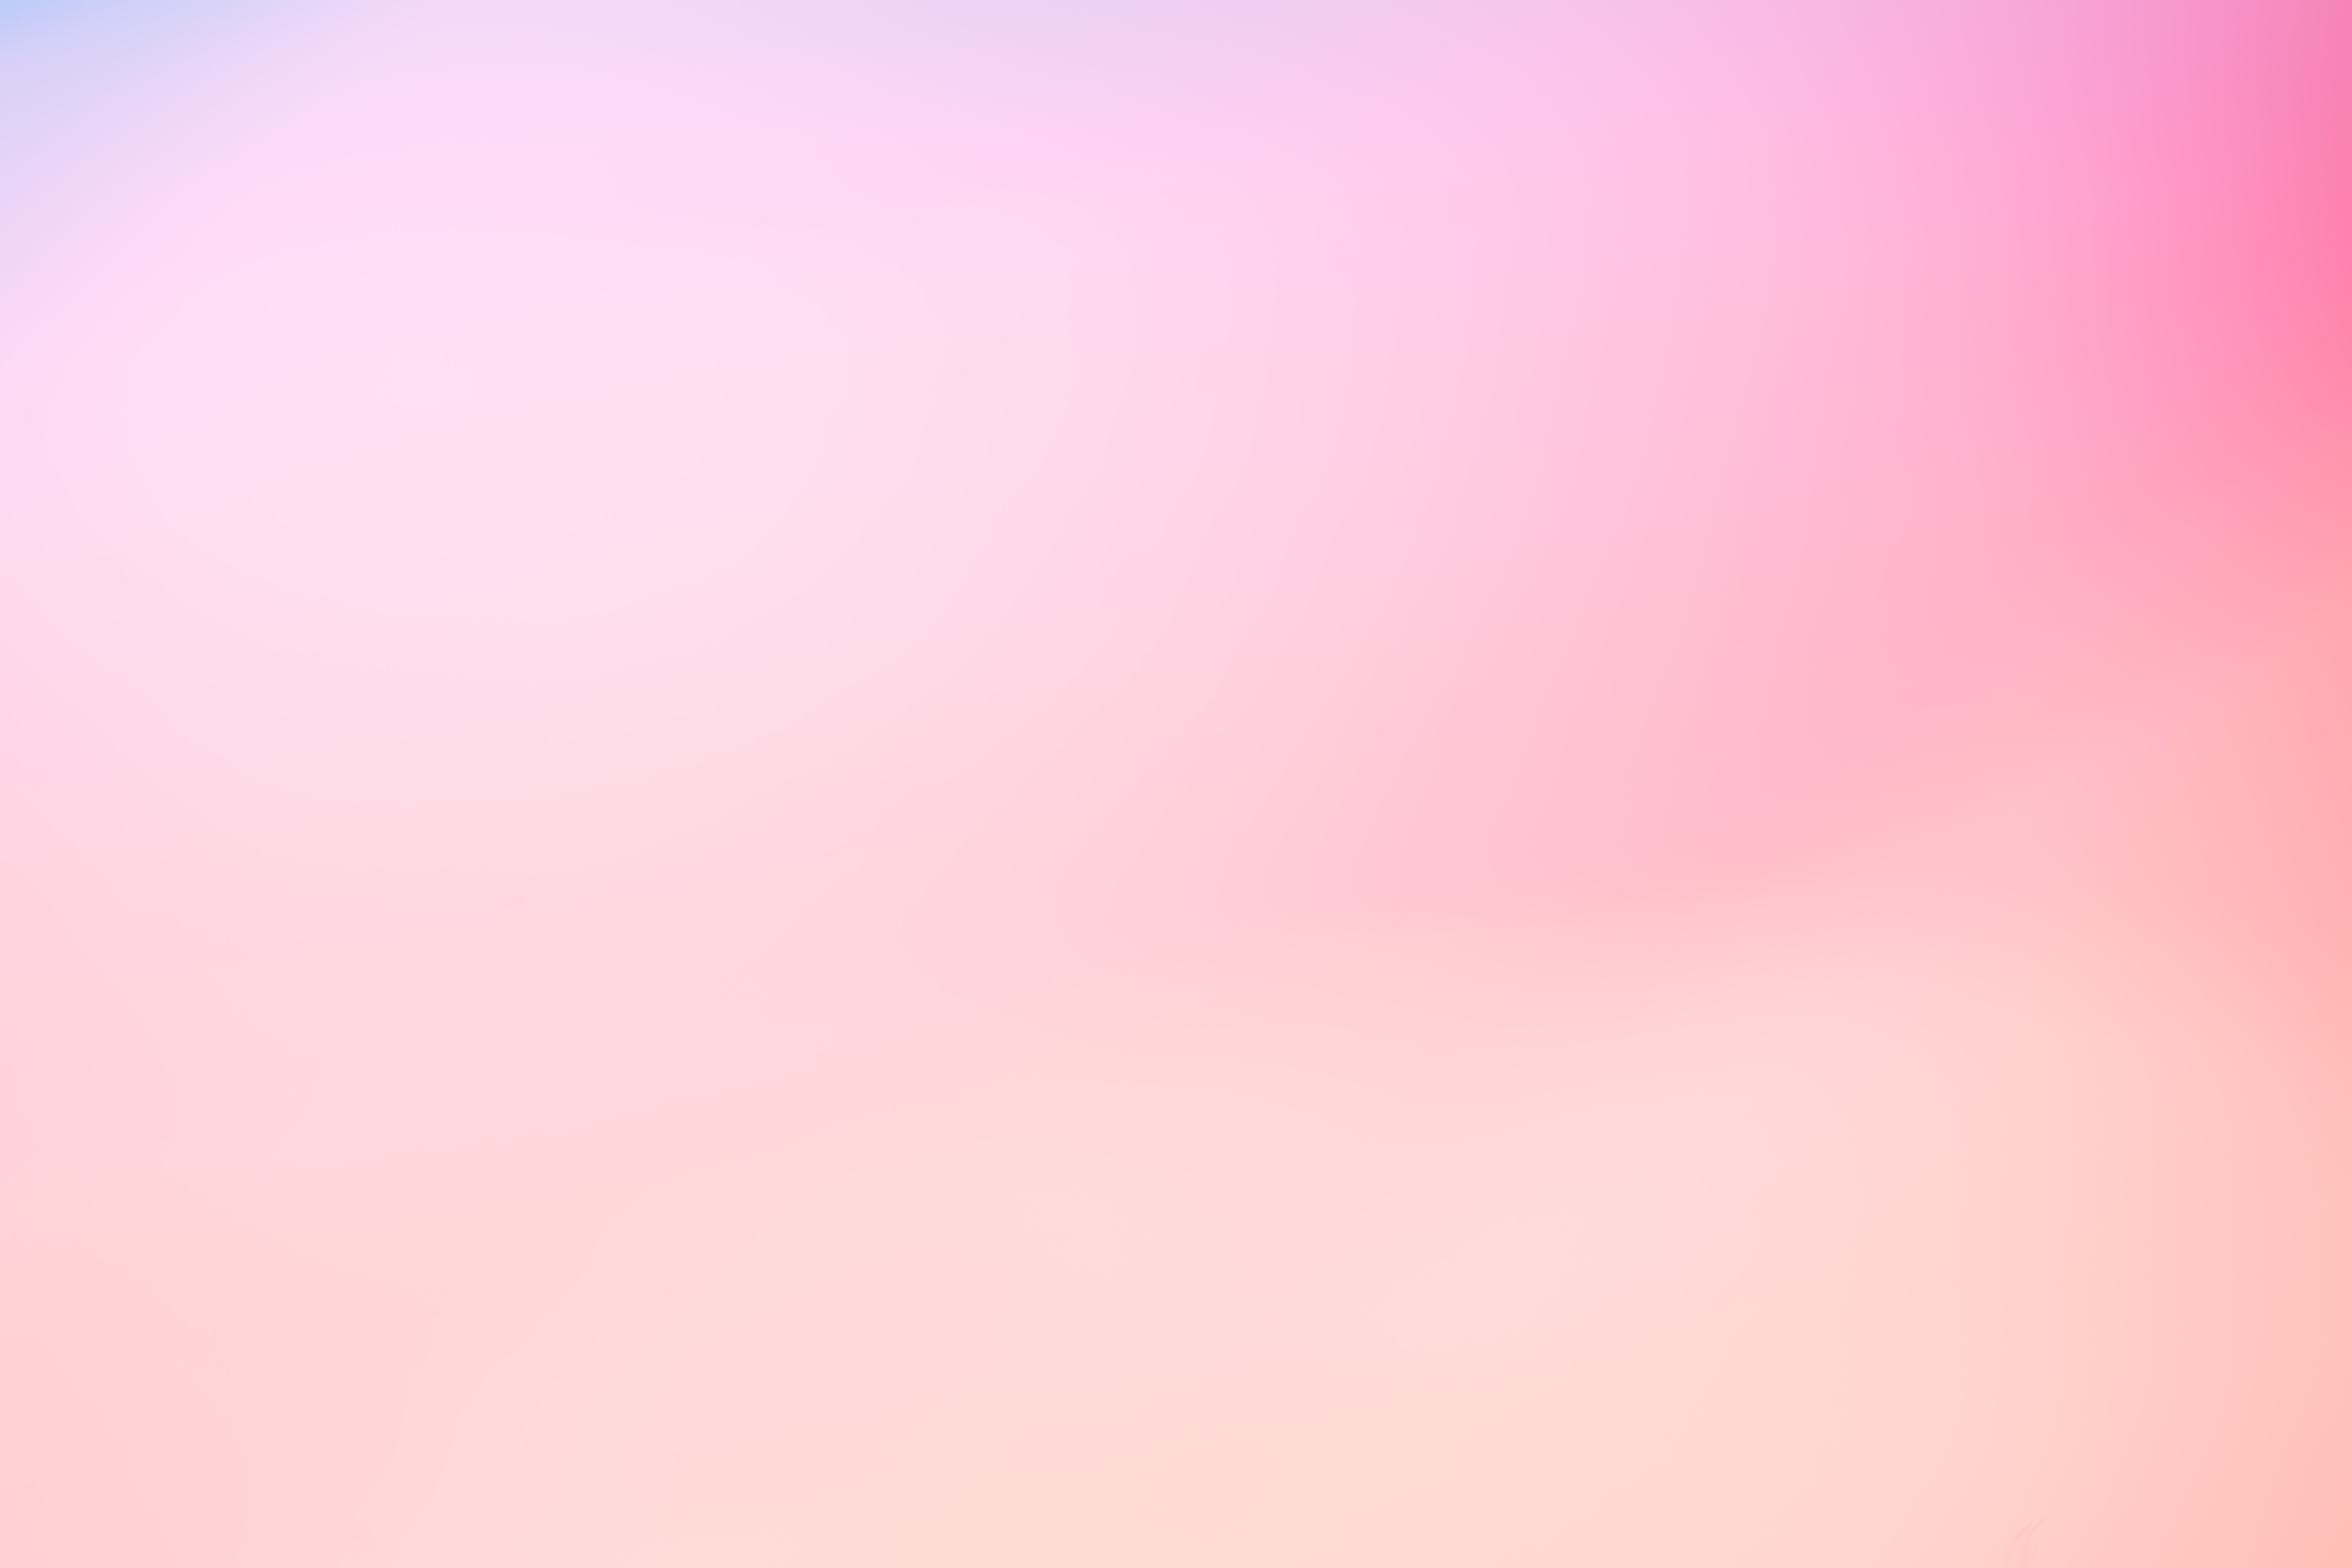 ピンク色の背景 グラデーション 無料の写真素材はフリー素材のぱくたそ